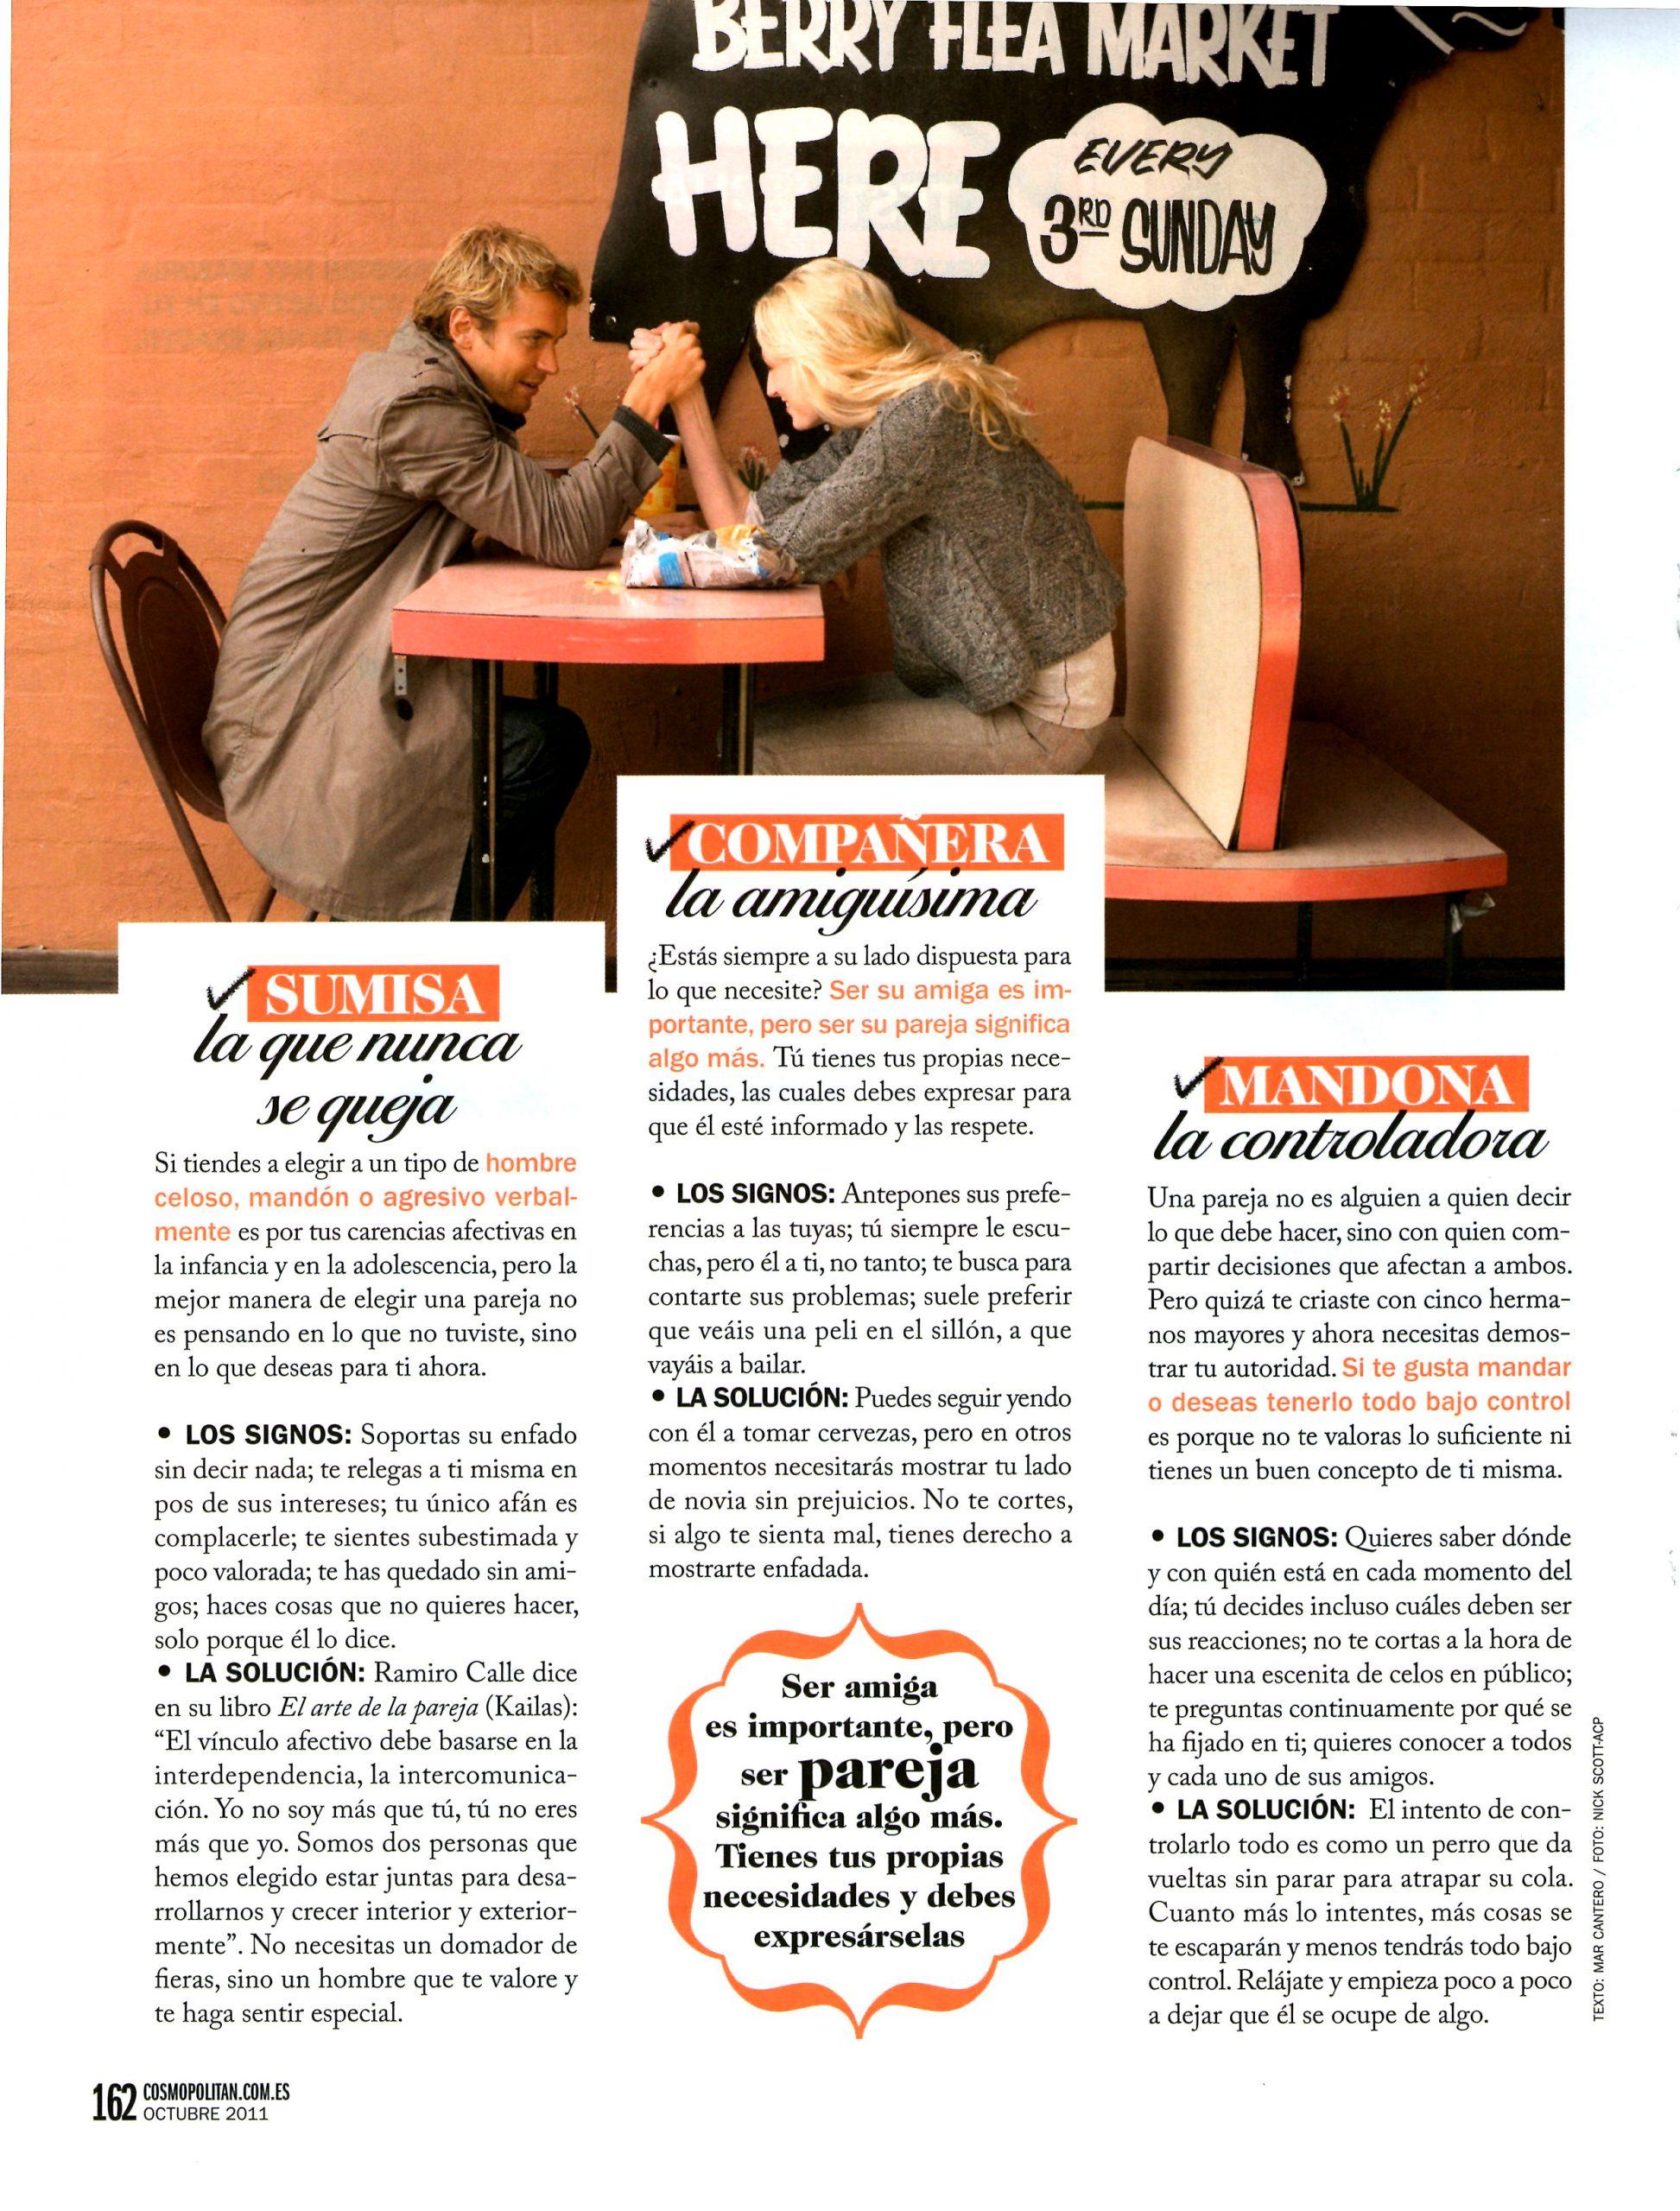 Objetivo Bienestar Nº 6, Cumples o descumples, pag 3, Mar Cantero Sánchez,